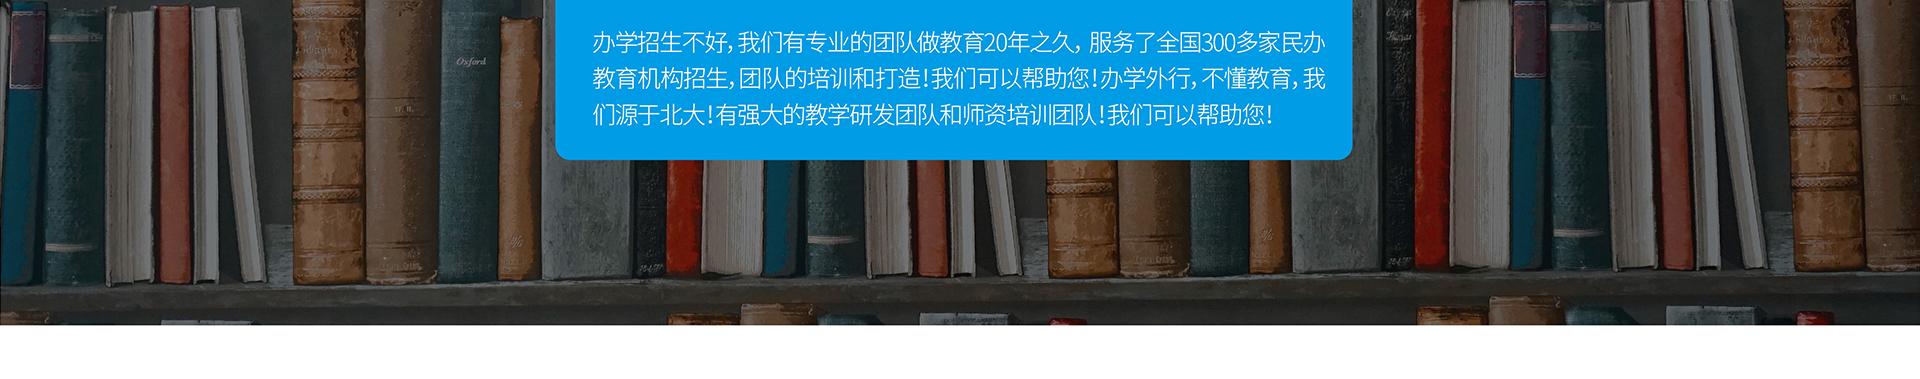 青鸟园丁学习馆qnyd_24